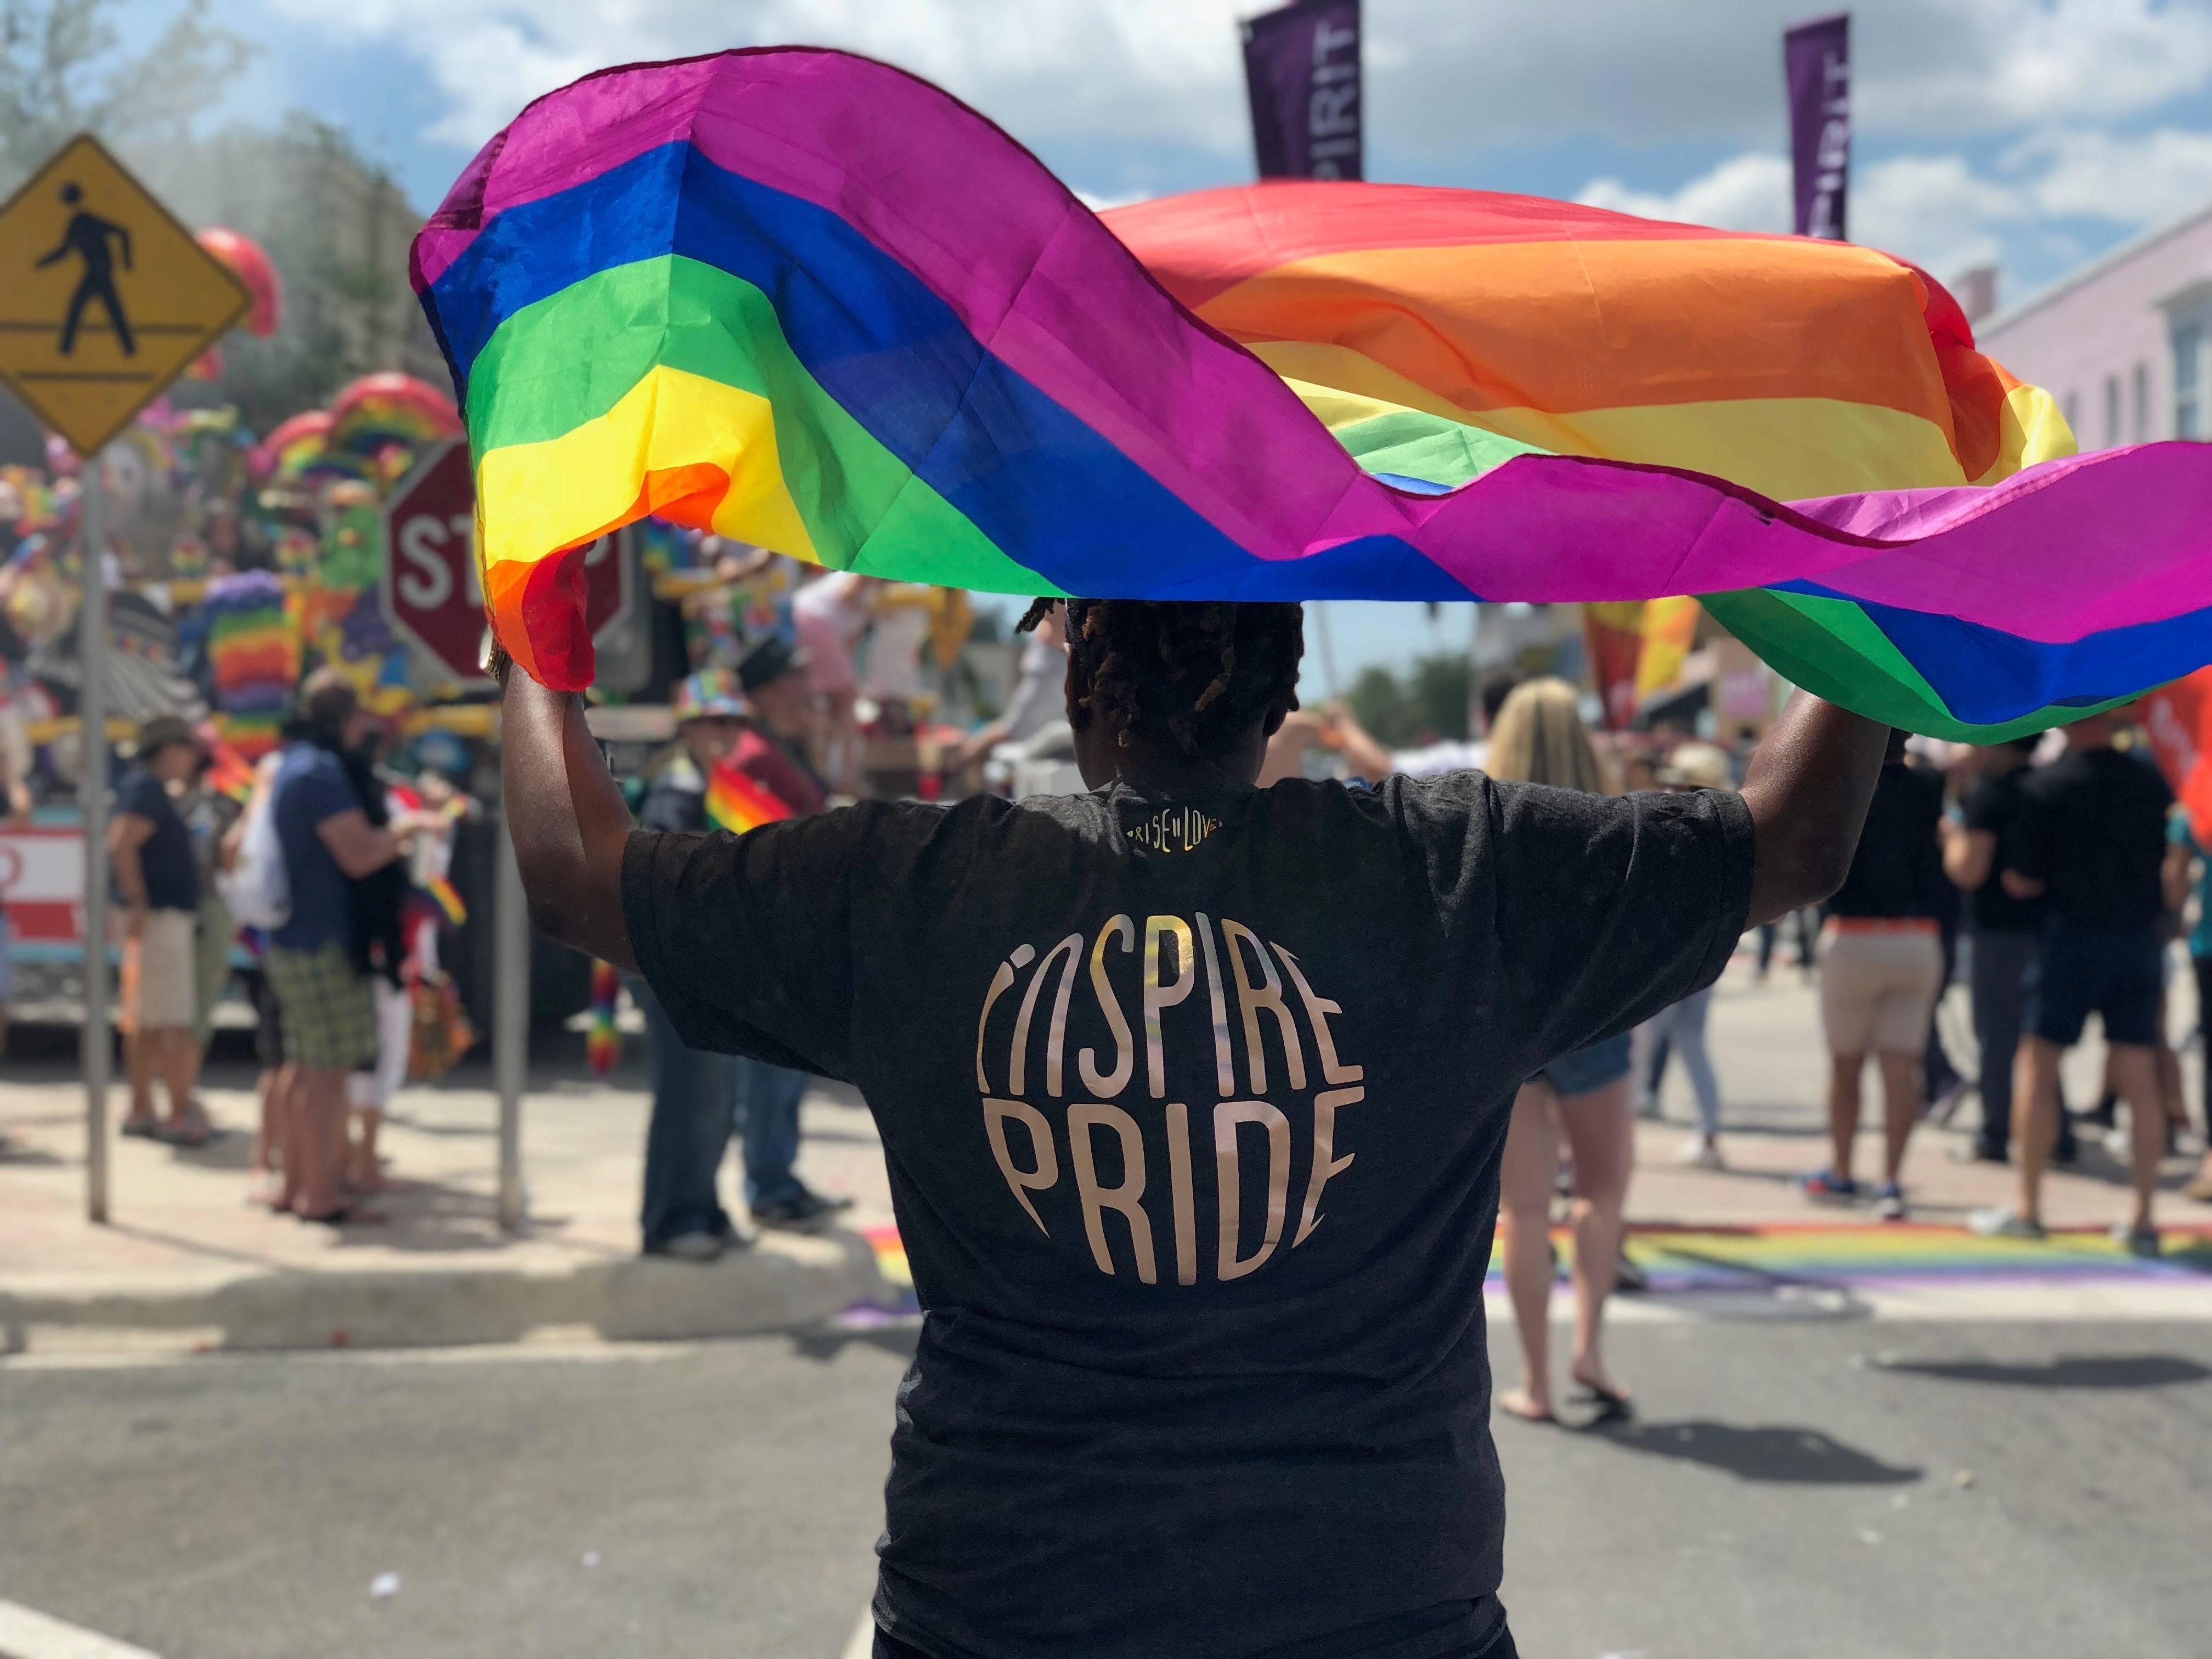 6e454d74803b979e9020_Inspire_Pride_2.jpg